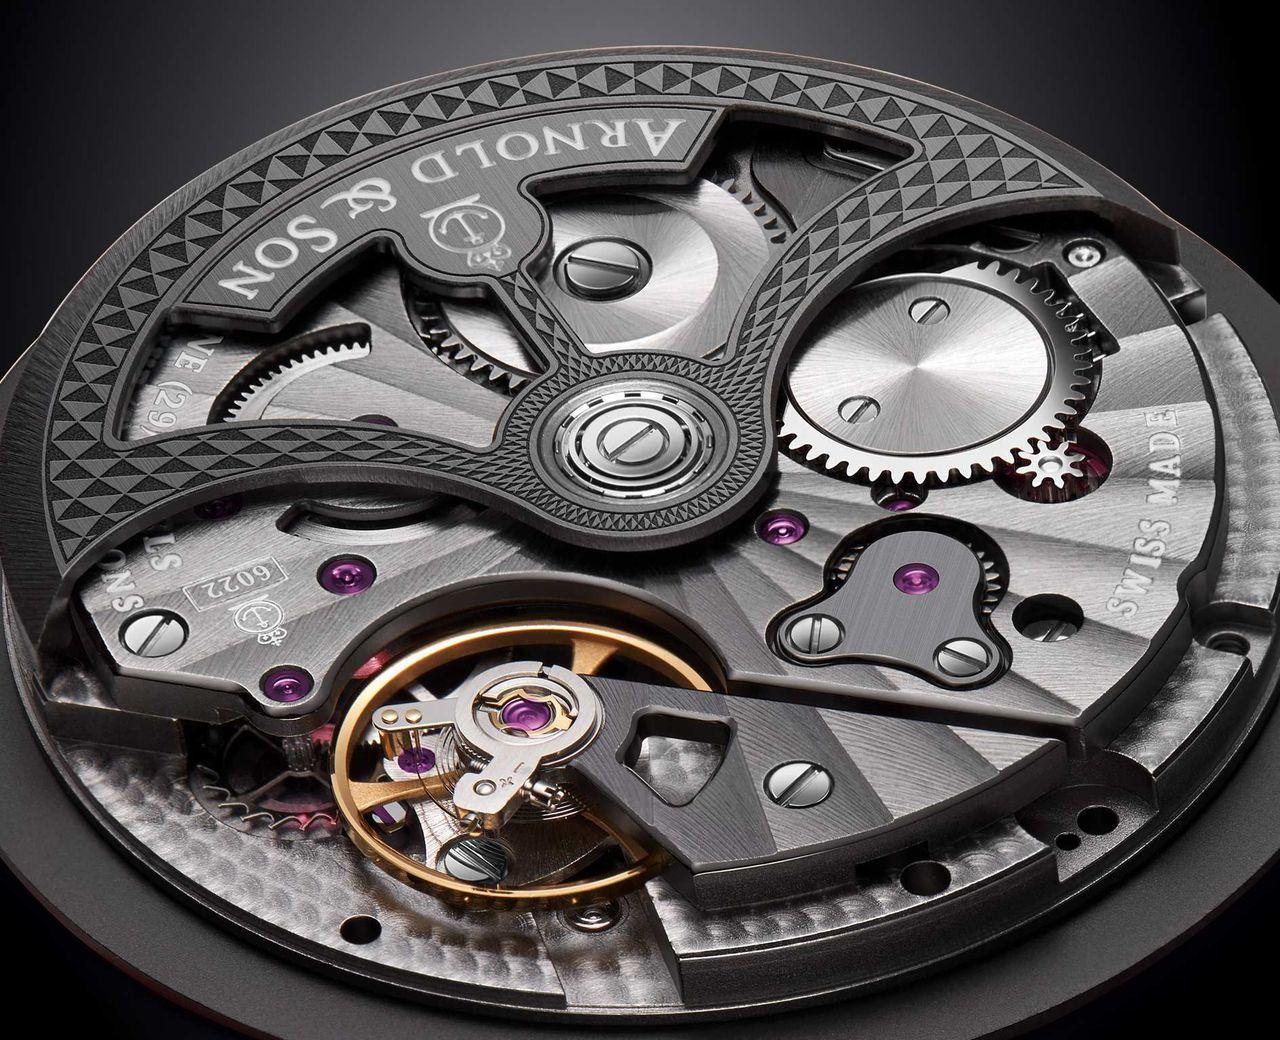 Arnold & Son Globetrotter - az A&S6022 manufaktúra kaliber hozza azt, amit a márkától megszoktunk